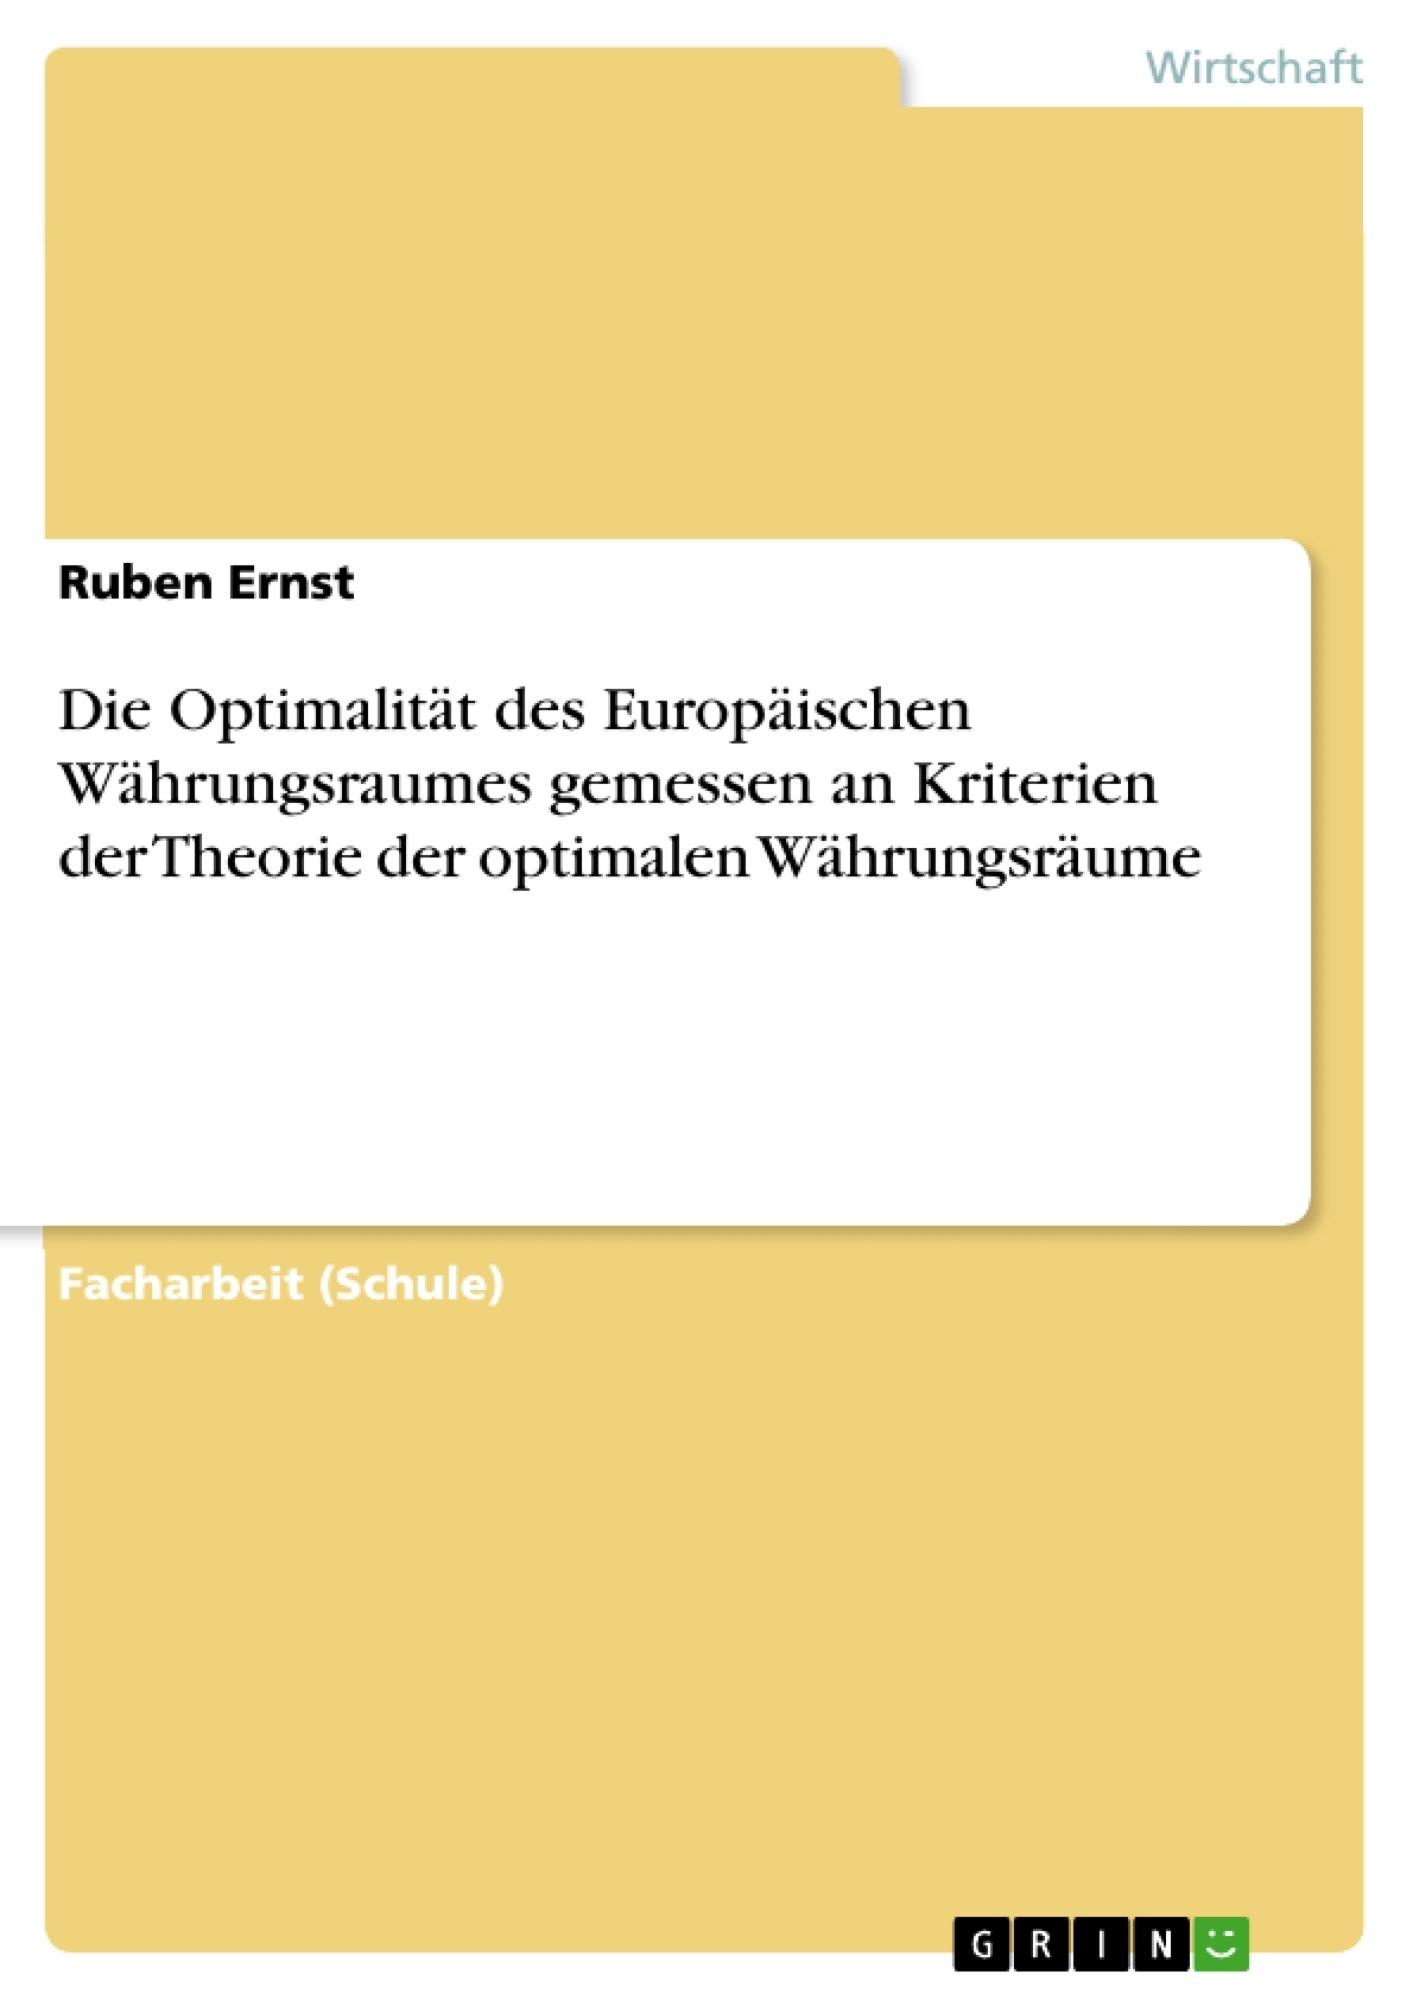 Titel: Die Optimalität des Europäischen Währungsraumes gemessen an Kriterien der Theorie der optimalen Währungsräume